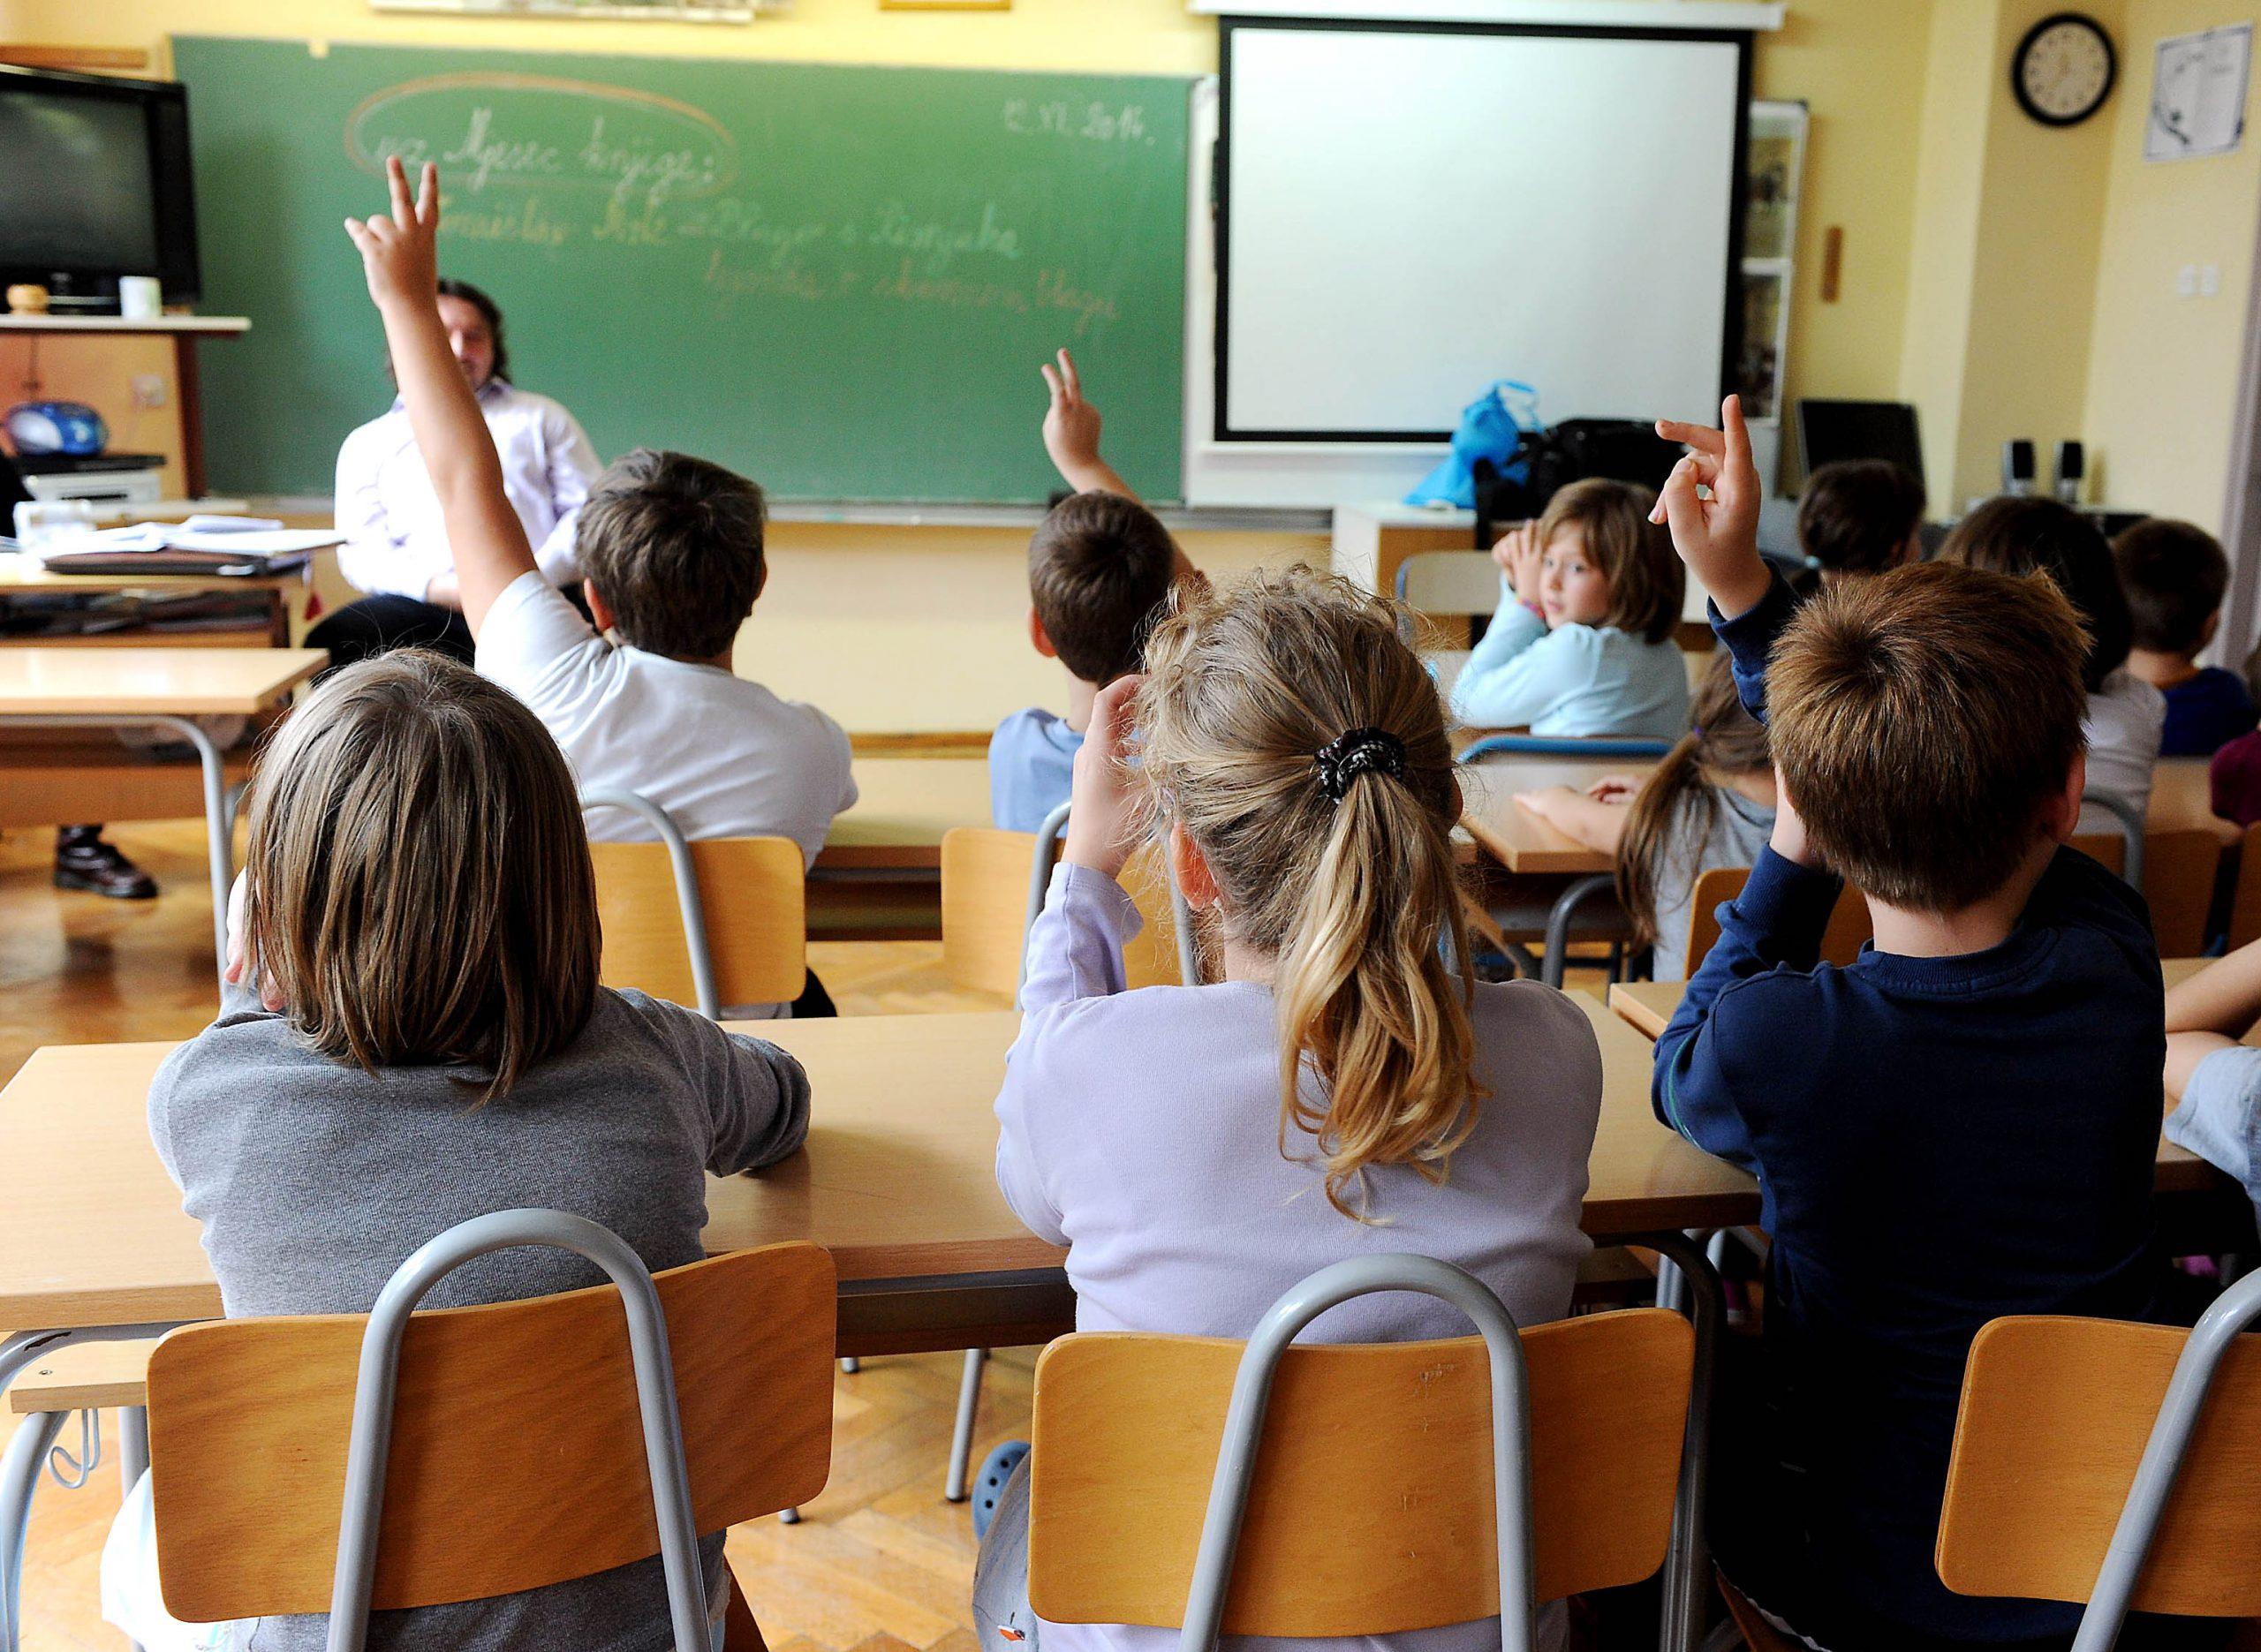 Zdravstveni odgoj bi puno pomogao, ali u naše se škole ne može probiti / Foto Sergej DRECHSLER